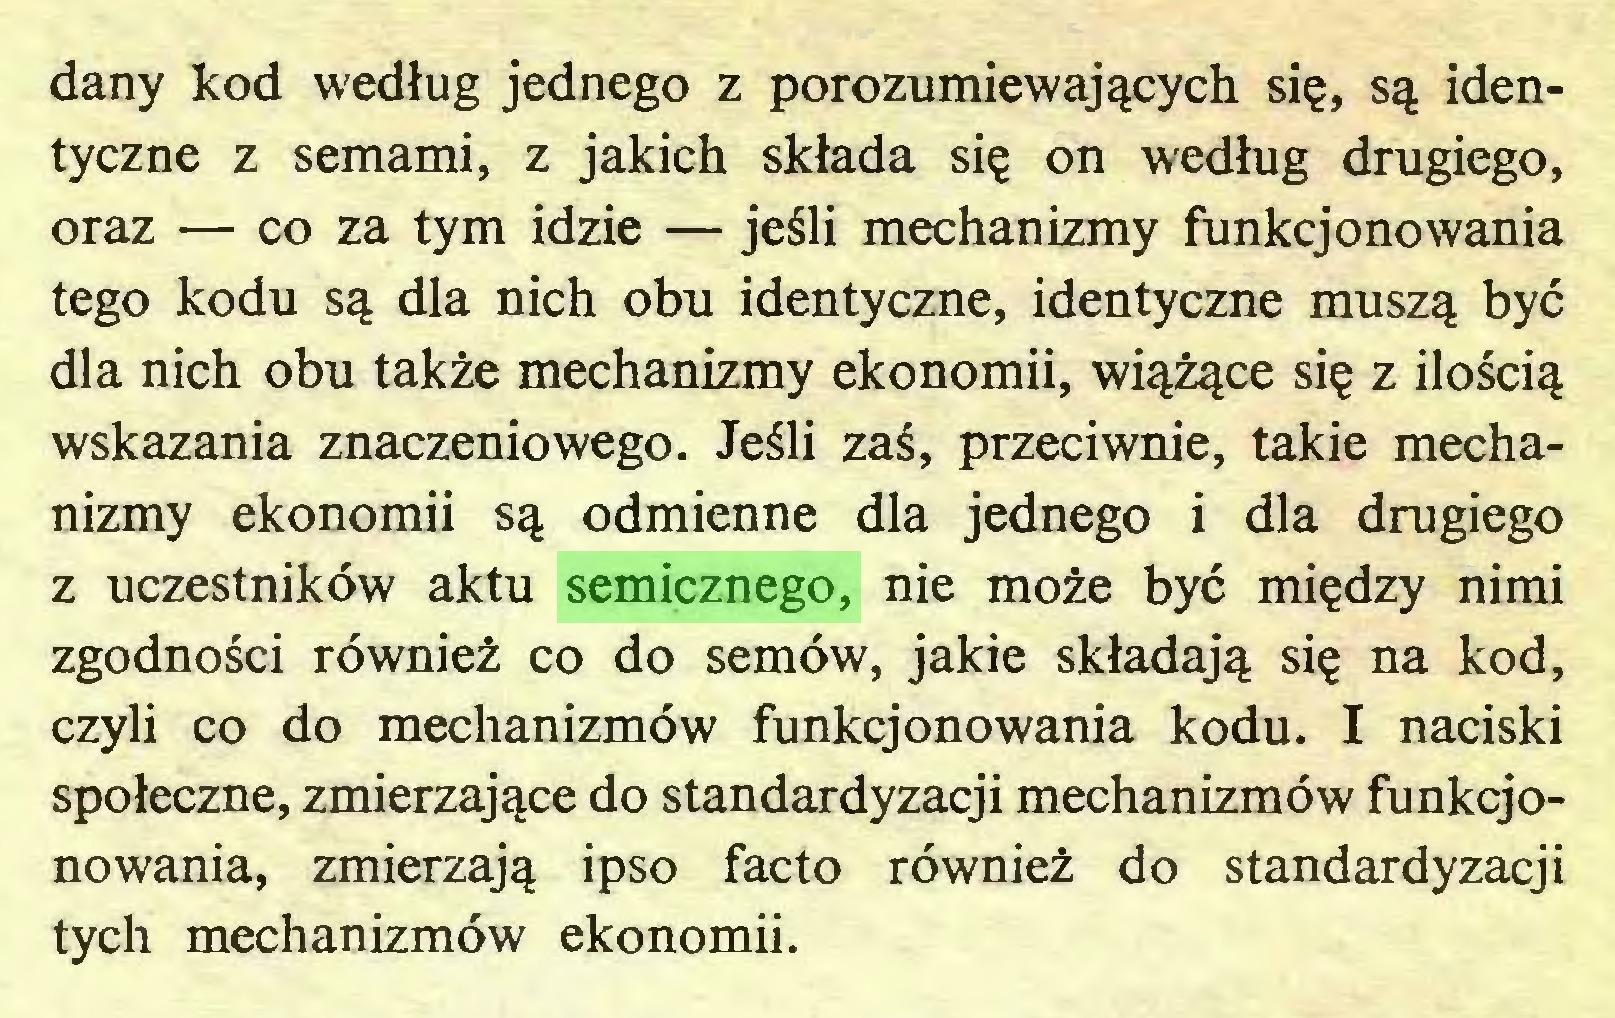 (...) dany kod według jednego z porozumiewających się, są identyczne z semami, z jakich składa się on według drugiego, oraz — co za tym idzie — jeśli mechanizmy funkcjonowania tego kodu są dla nich obu identyczne, identyczne muszą być dla nich obu także mechanizmy ekonomii, wiążące się z ilością wskazania znaczeniowego. Jeśli zaś, przeciwnie, takie mechanizmy ekonomii są odmienne dla jednego i dla drugiego z uczestników aktu semicznego, nie może być między nimi zgodności również co do semów, jakie składają się na kod, czyli co do mechanizmów funkcjonowania kodu. I naciski społeczne, zmierzające do standardyzacji mechanizmów funkcjonowania, zmierzają ipso facto również do standardyzacji tych mechanizmów ekonomii. Rozdział IX...